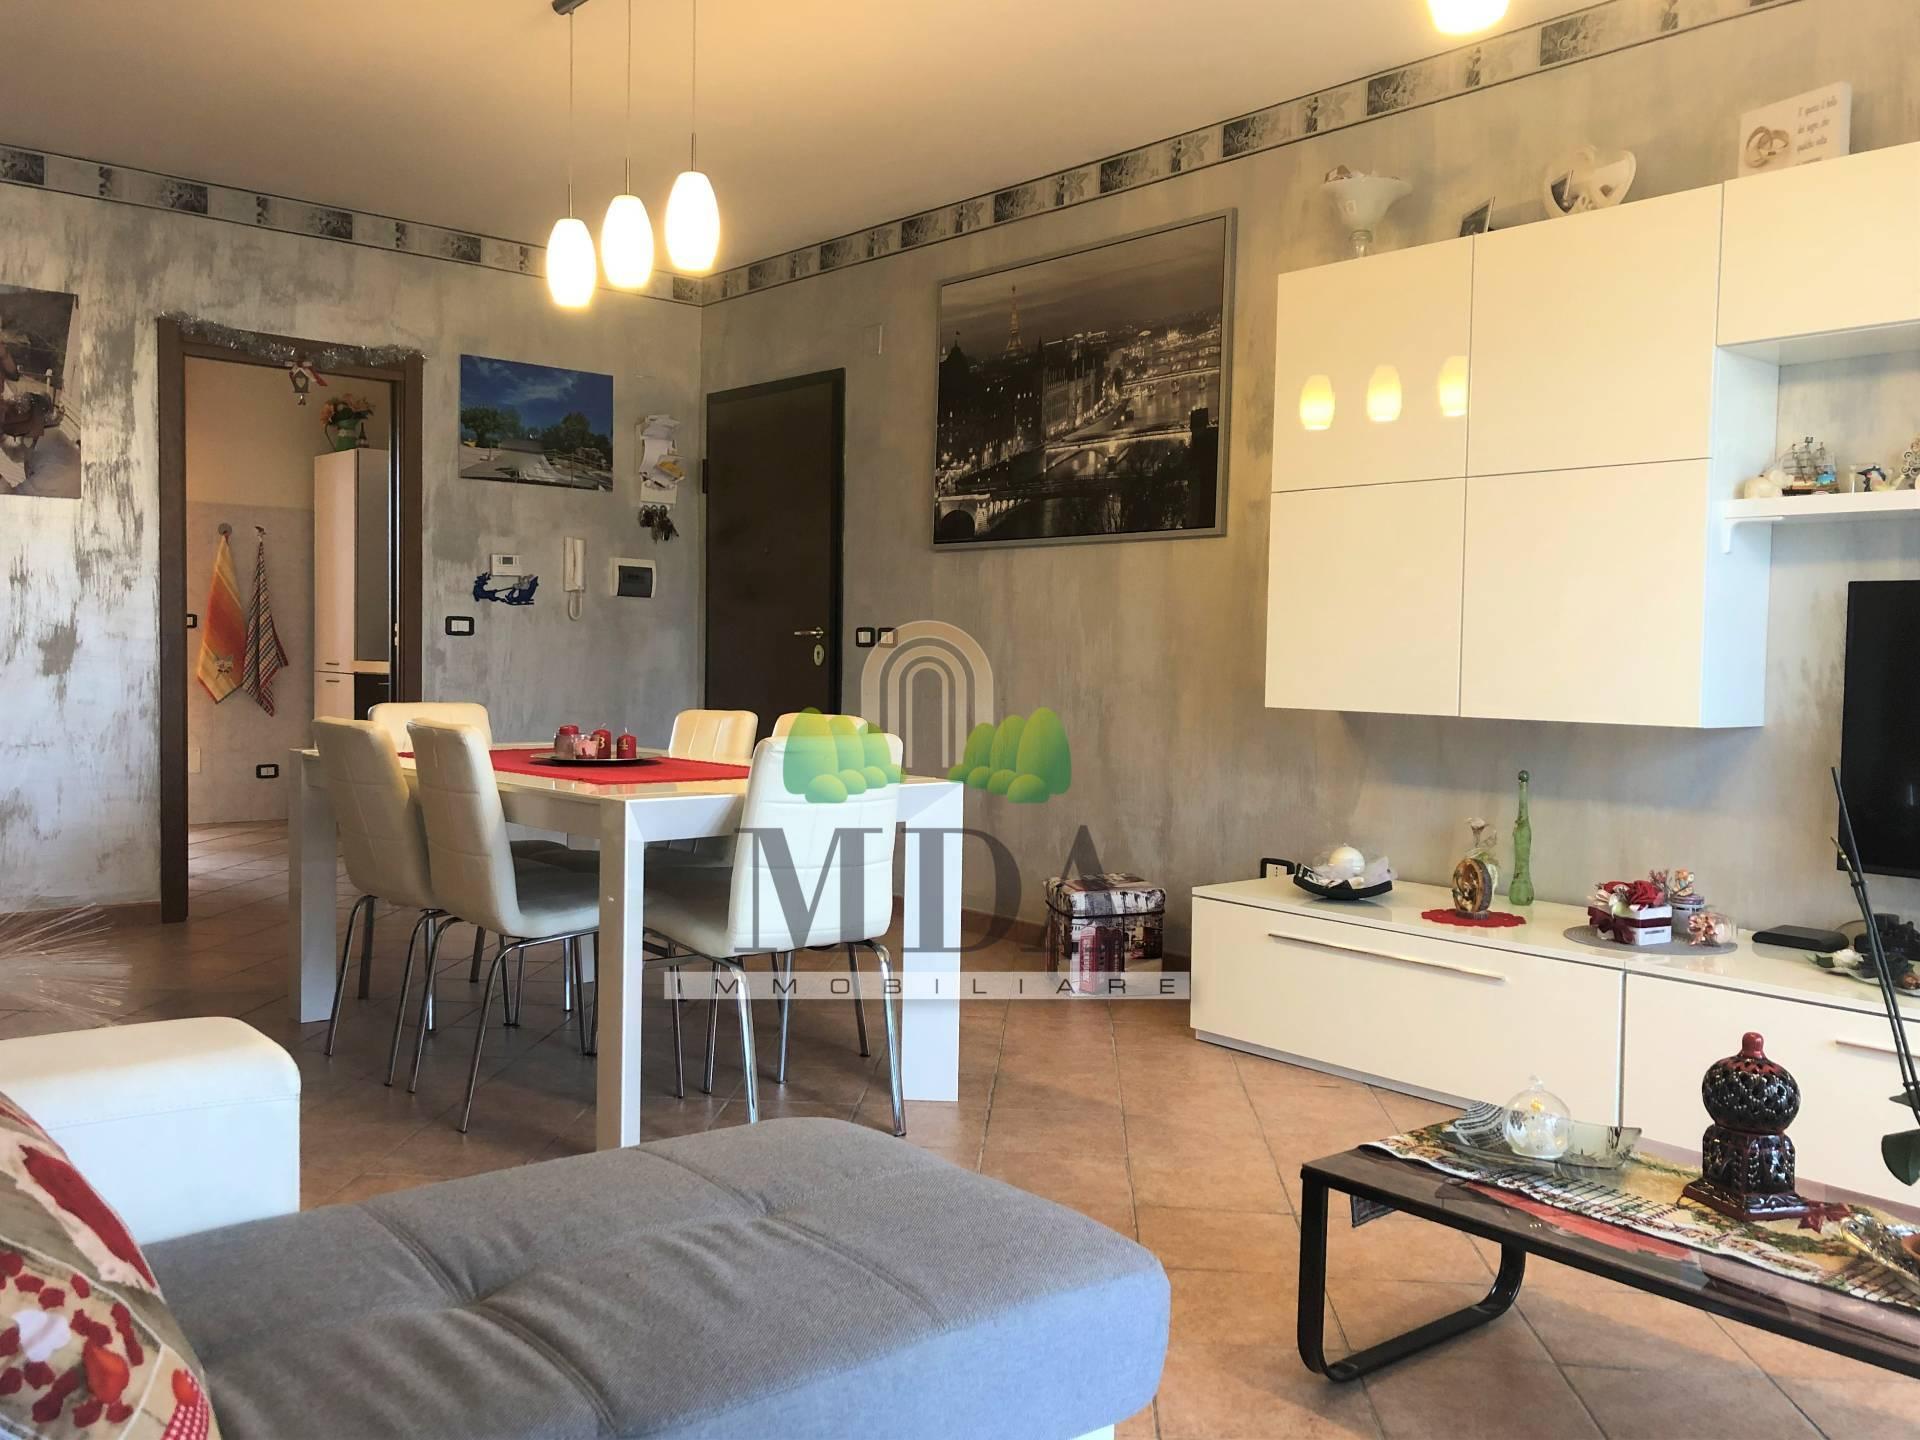 Appartamento in vendita a Corropoli, 4 locali, zona Località: Bivio, prezzo € 90.000 | CambioCasa.it